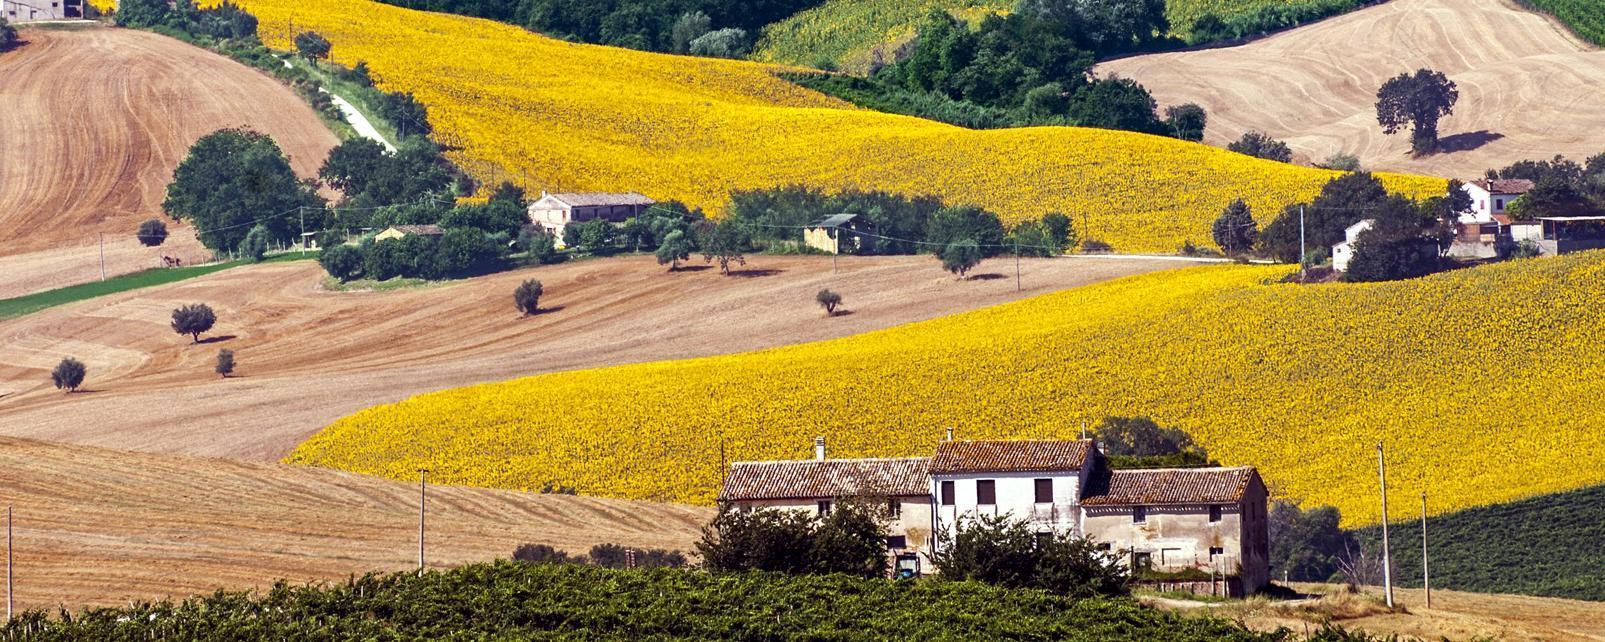 Europe, Italie, Marches, village, champ, agriculture, maison, arbre, plaine,